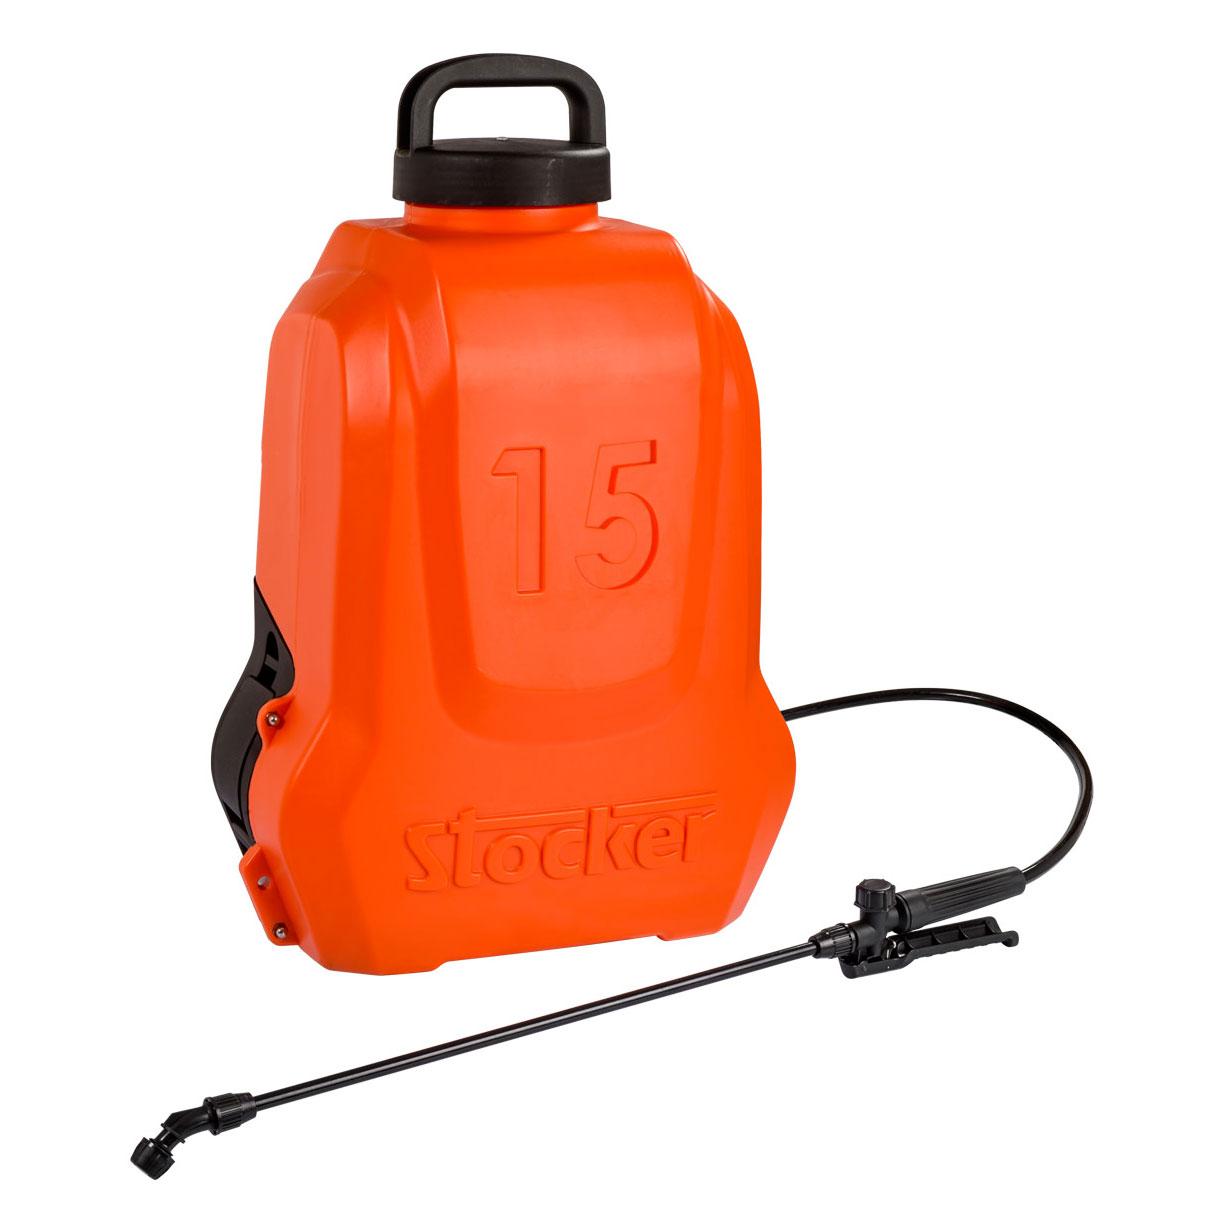 Stocker Pompa a zaino elettrica 15 LITRI Li-Ion pressione 5bar